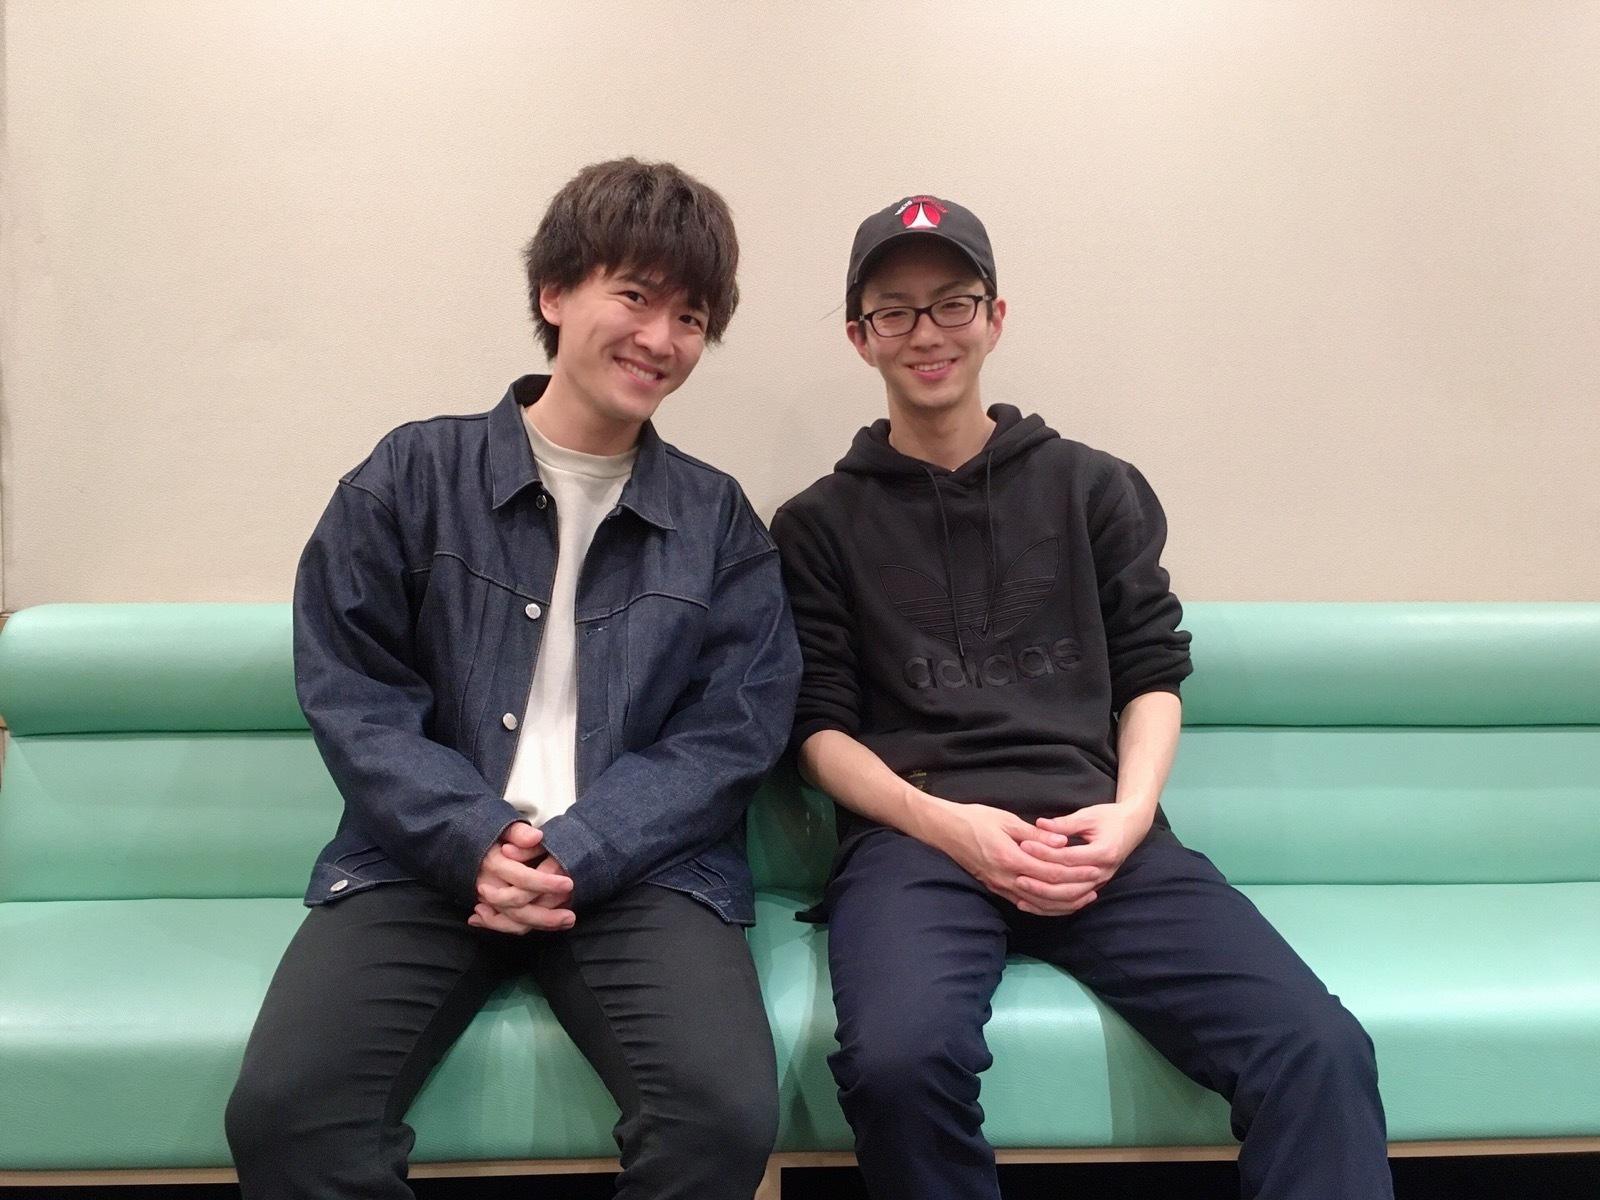 畠中祐&髙坂篤志 (C)Frontier Works Inc.